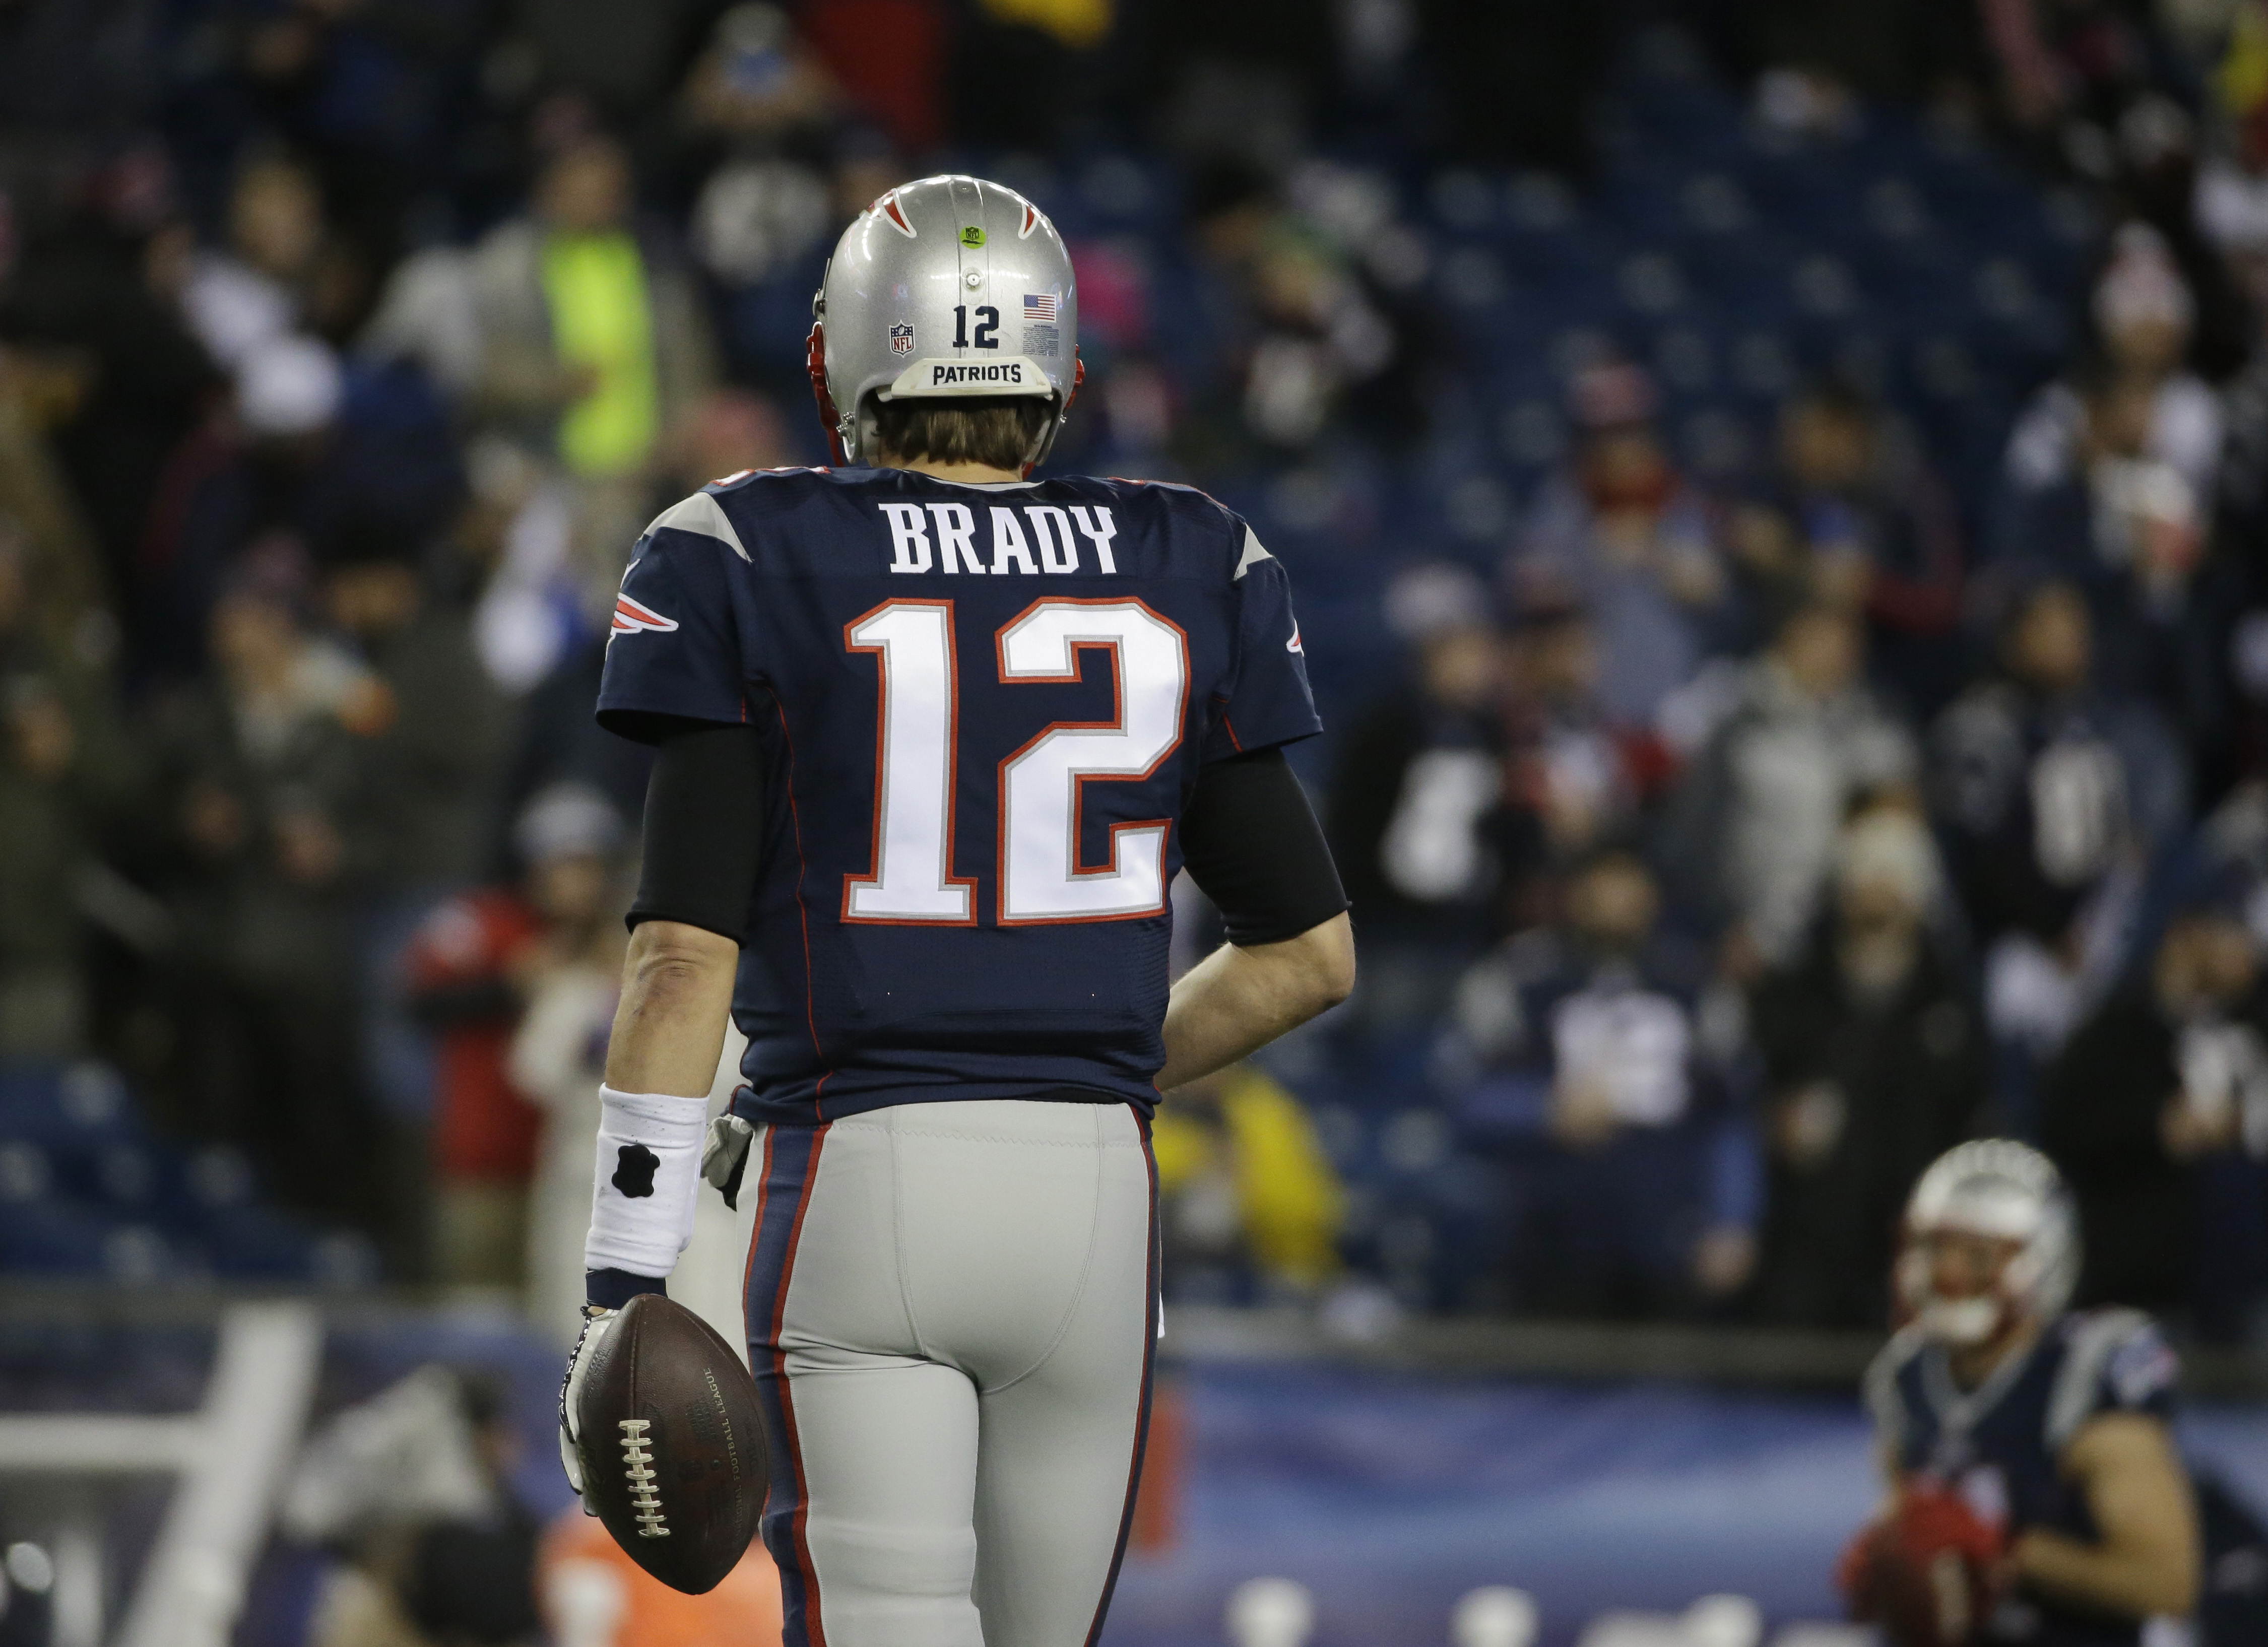 Sila sa prebúdza: Brady